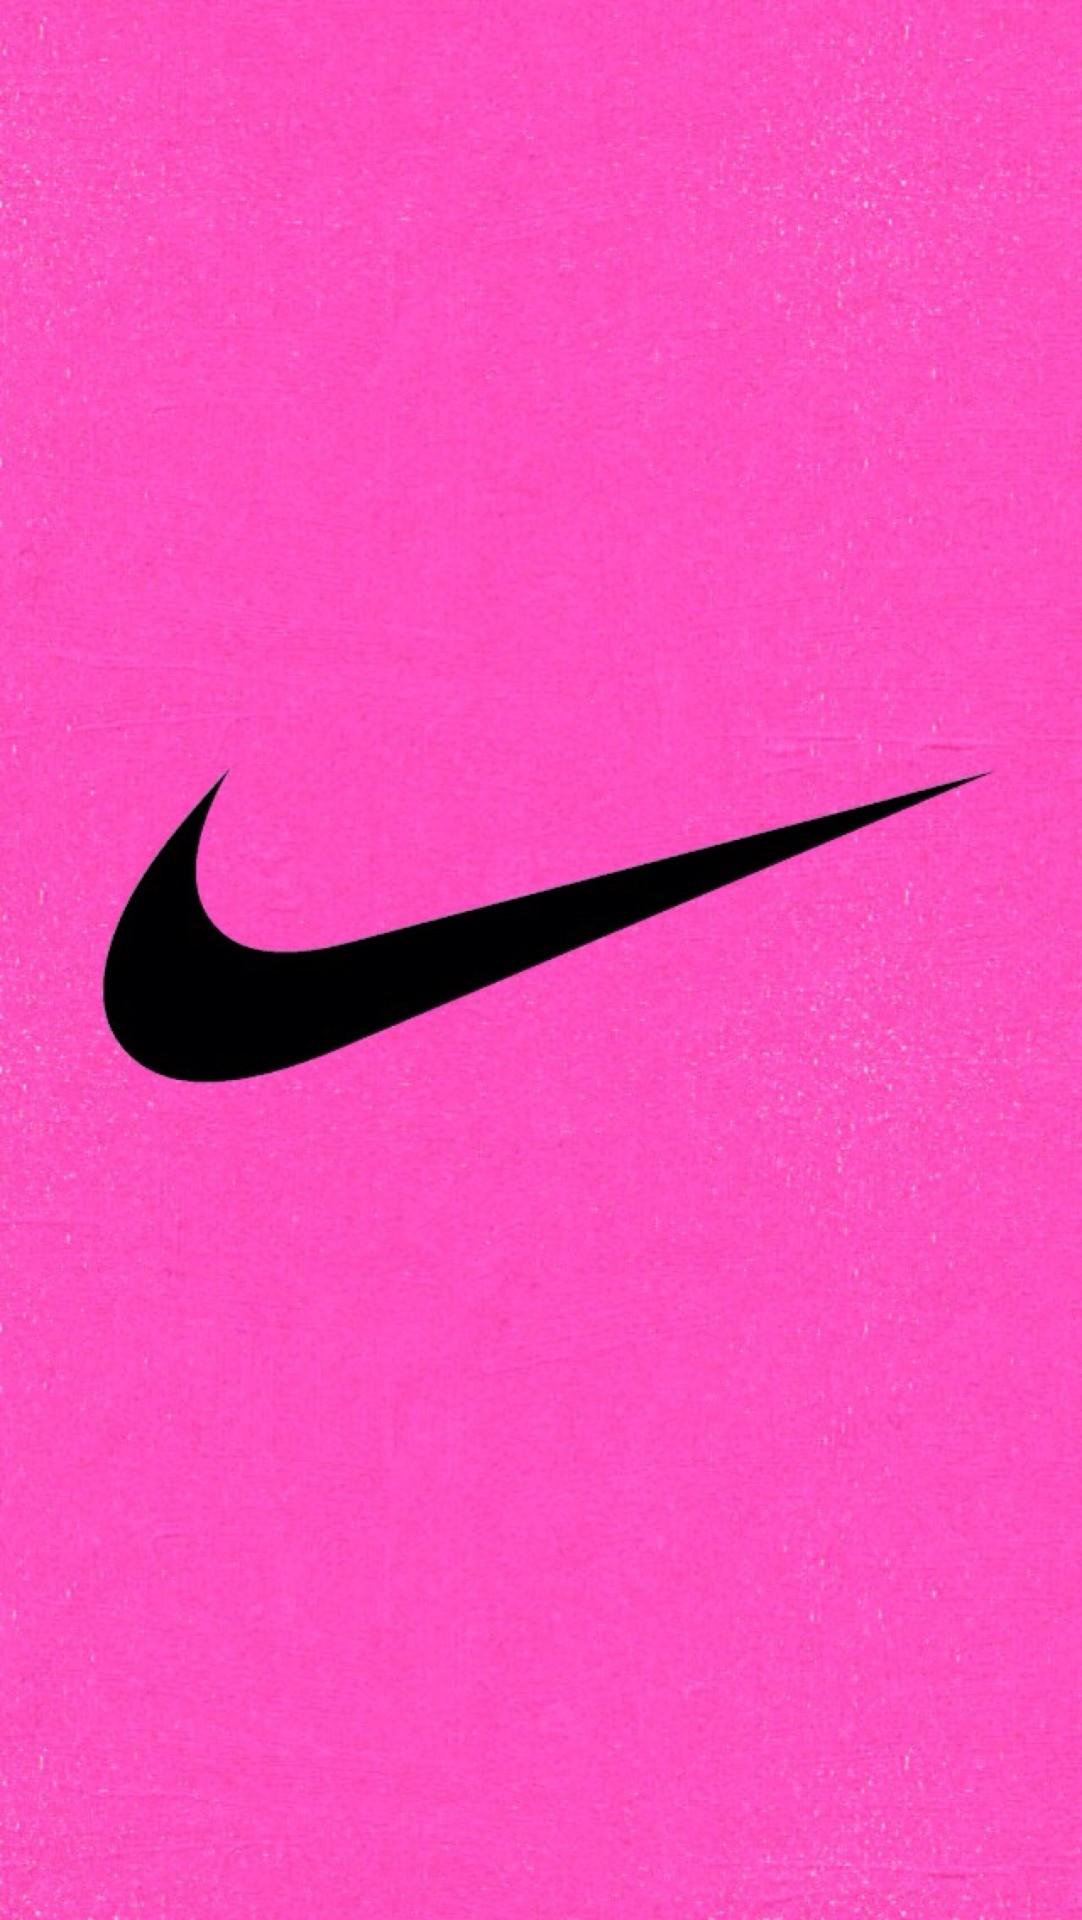 Nike nike wallpaper pink glitter nikelogokid.tumblr.com